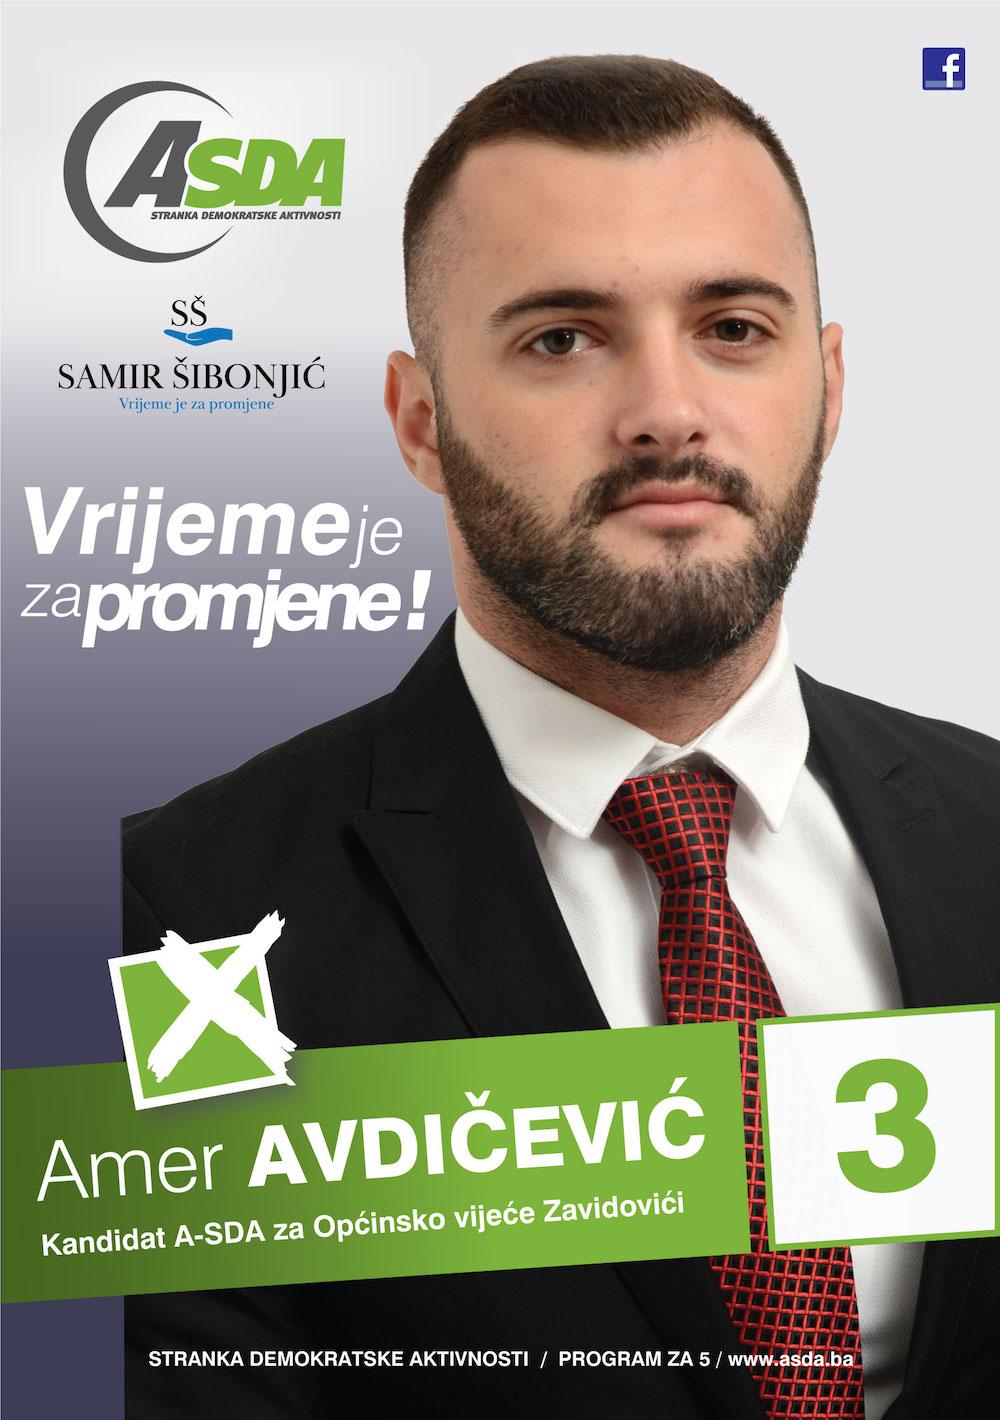 Amer Avdičević